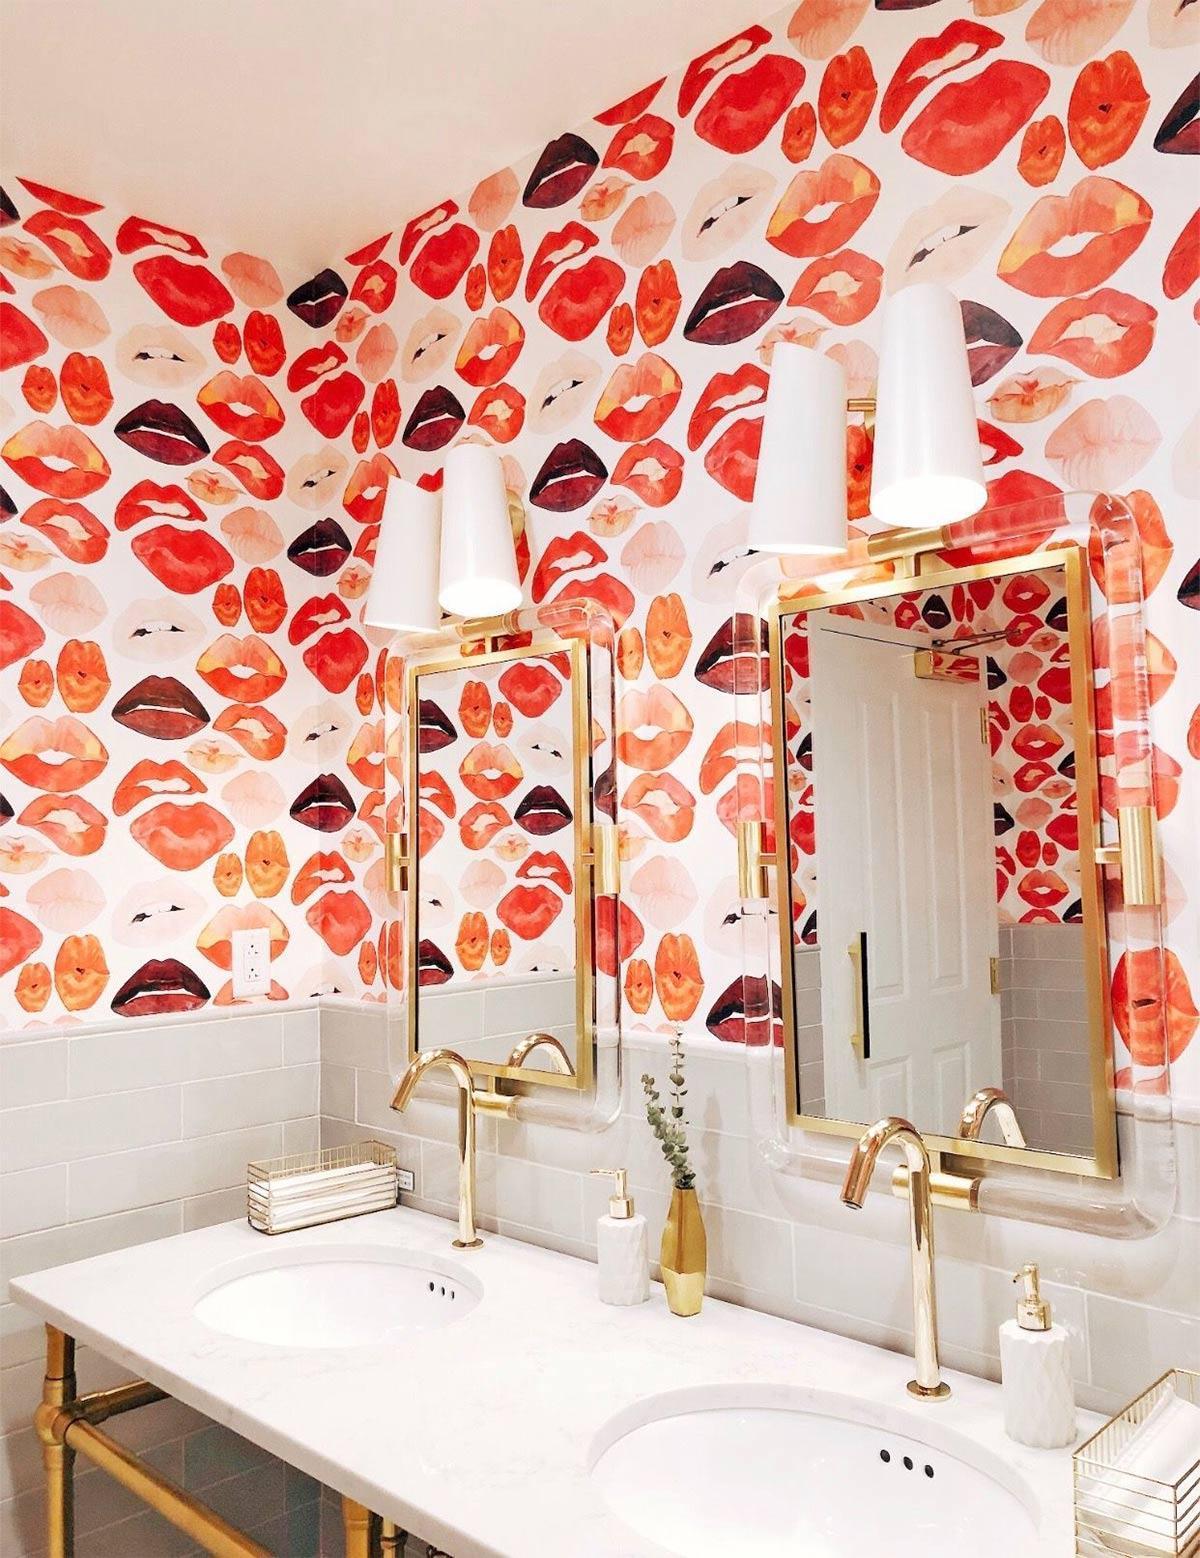 Thiết kế phòng tắm với màu sắc nổi bật